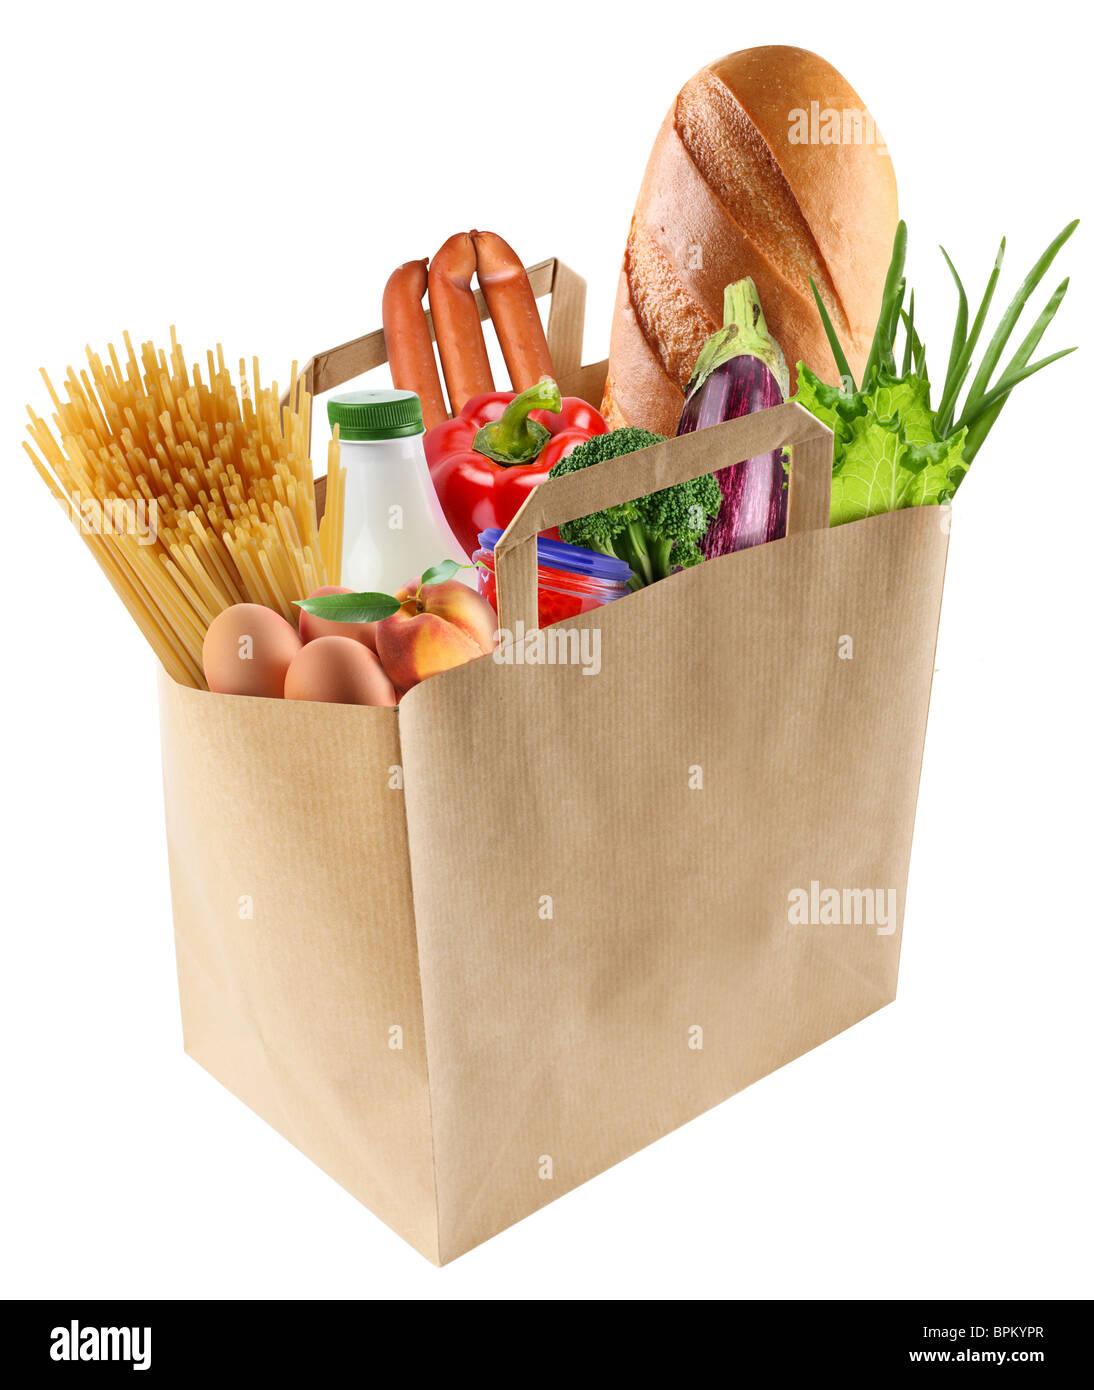 Sac de papier avec de la nourriture sur un fond blanc Photo Stock